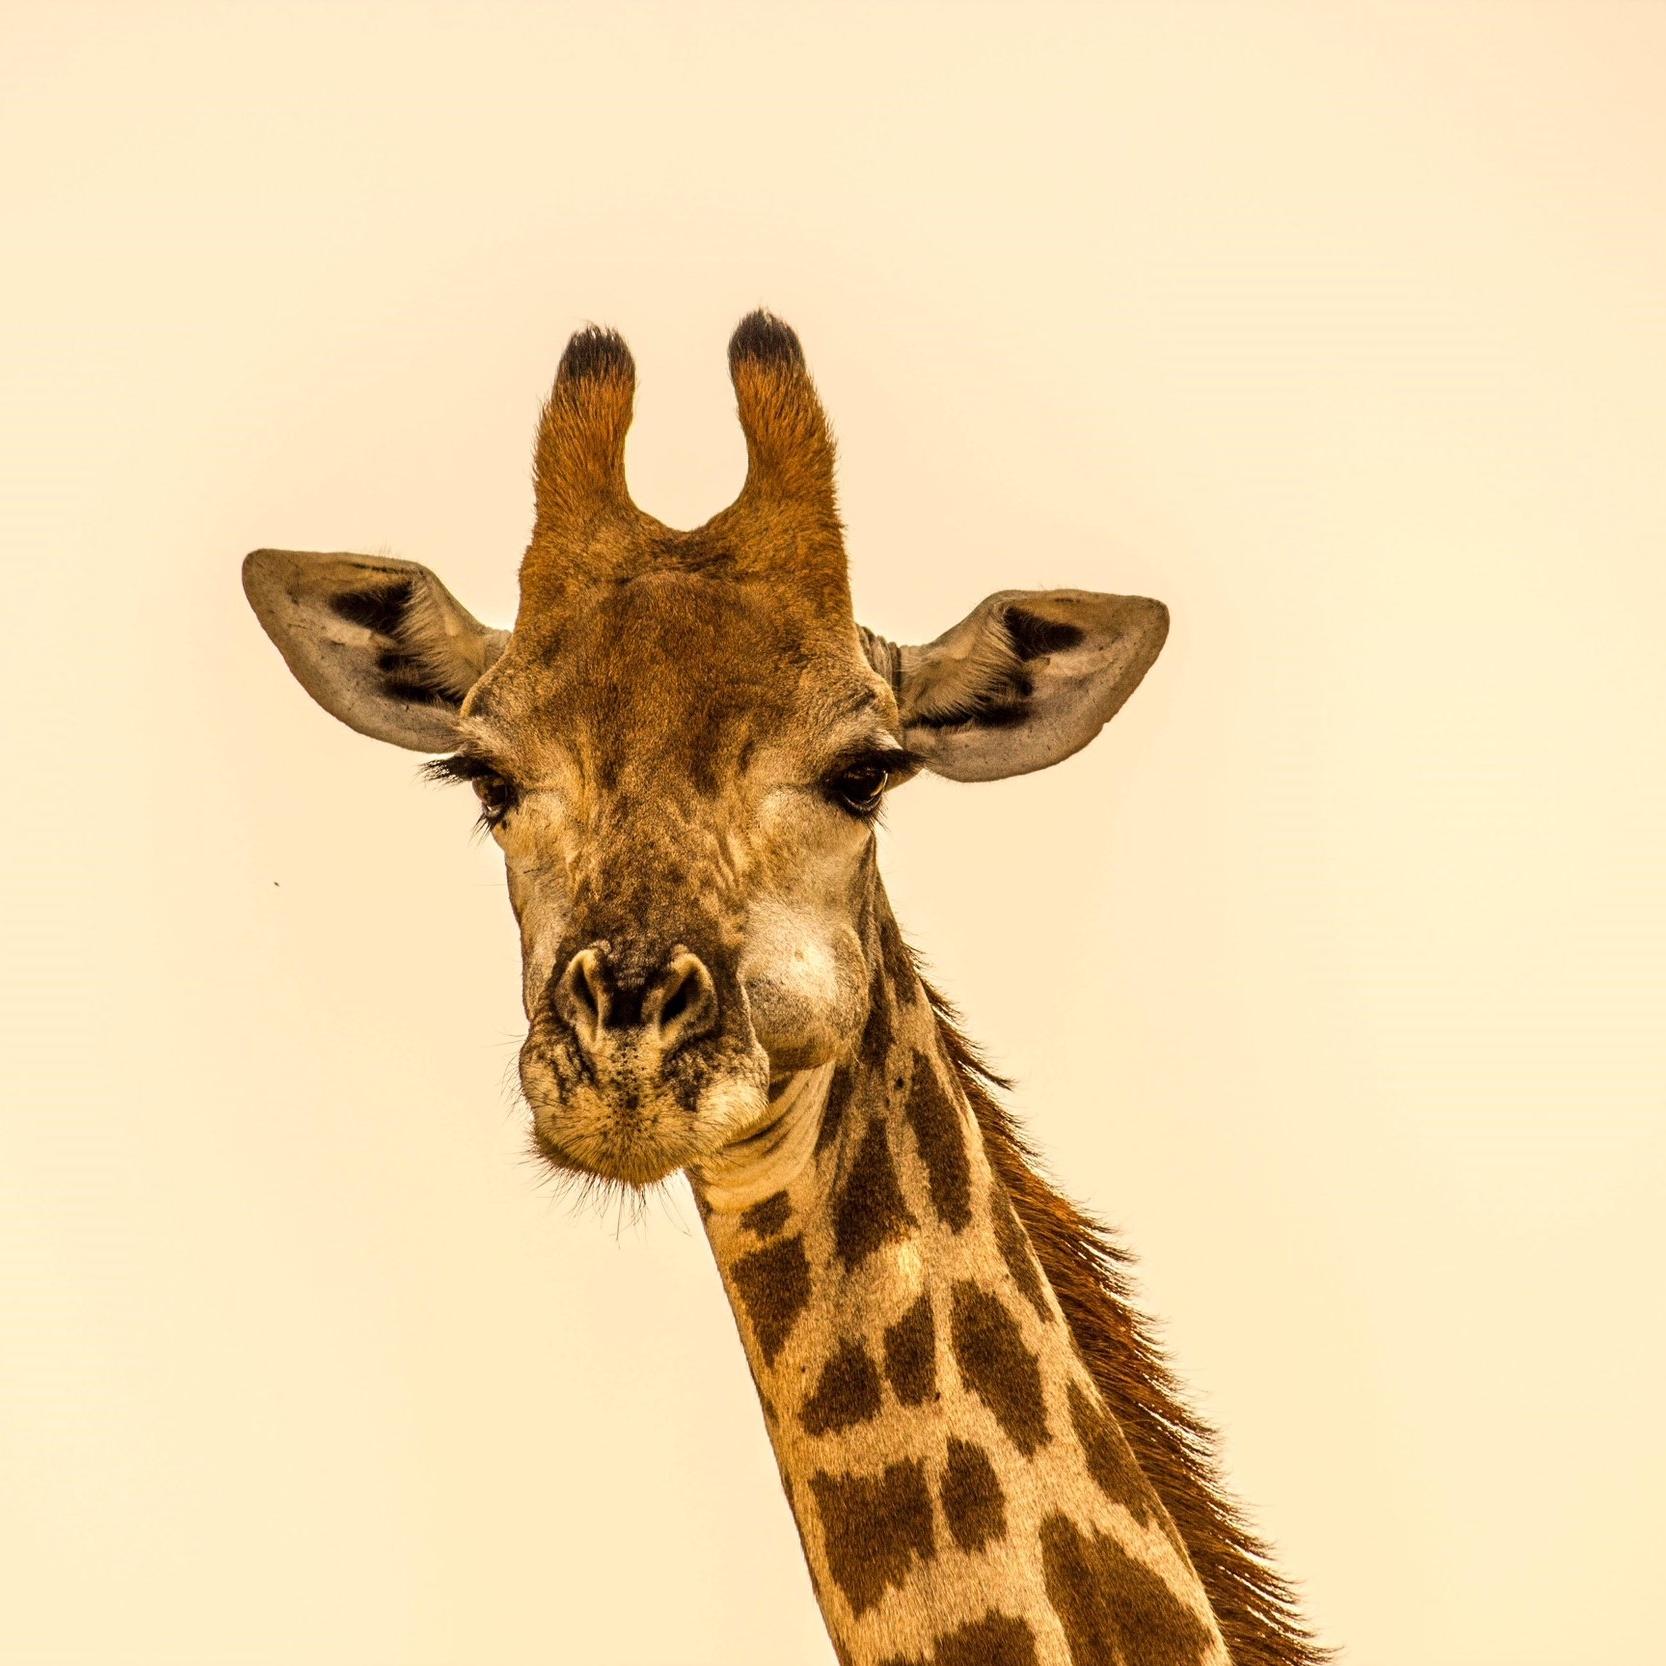 Maßgeschneiderte Safaris - Da wir ein kleines Familienunternehmen sind, sind wir in der Lage ganz persönlich auf Ihre Bedürfnisse und Interessen einzugehen. Alle unsere Safarirouten sind individuell zusammengestellt und der spezifischen Jahreszeit angepasst, um für optimale Pirschfahrten zu sorgen. Sie werden Ihre Safari aber vollkommen Ihren eigenen Wünschen anpassen können, basierend auf Ihren persönlichen Reisepräferenzen und -interessen. Wir werden Sie tief in die isolierte Wildnis führen wo andere Safarianbieter, die abgepackte Safaris anbieten, nicht hingehen. Keine gemischten Gruppen, kein Kampf um den besten Sitzplatz und die beste Aussicht, und keine gegensätzlichen Interessen. Mit SABABU SAFARIS genießen Sie die Vorzüge eines privaten, speziell ausgestatteten 4x4 Toyota Land Cruisers mit aufklappbarem Dach, exklusiv nur für Sie: maximale Flexibilität, Komfort und optimale Pirschfahrten!